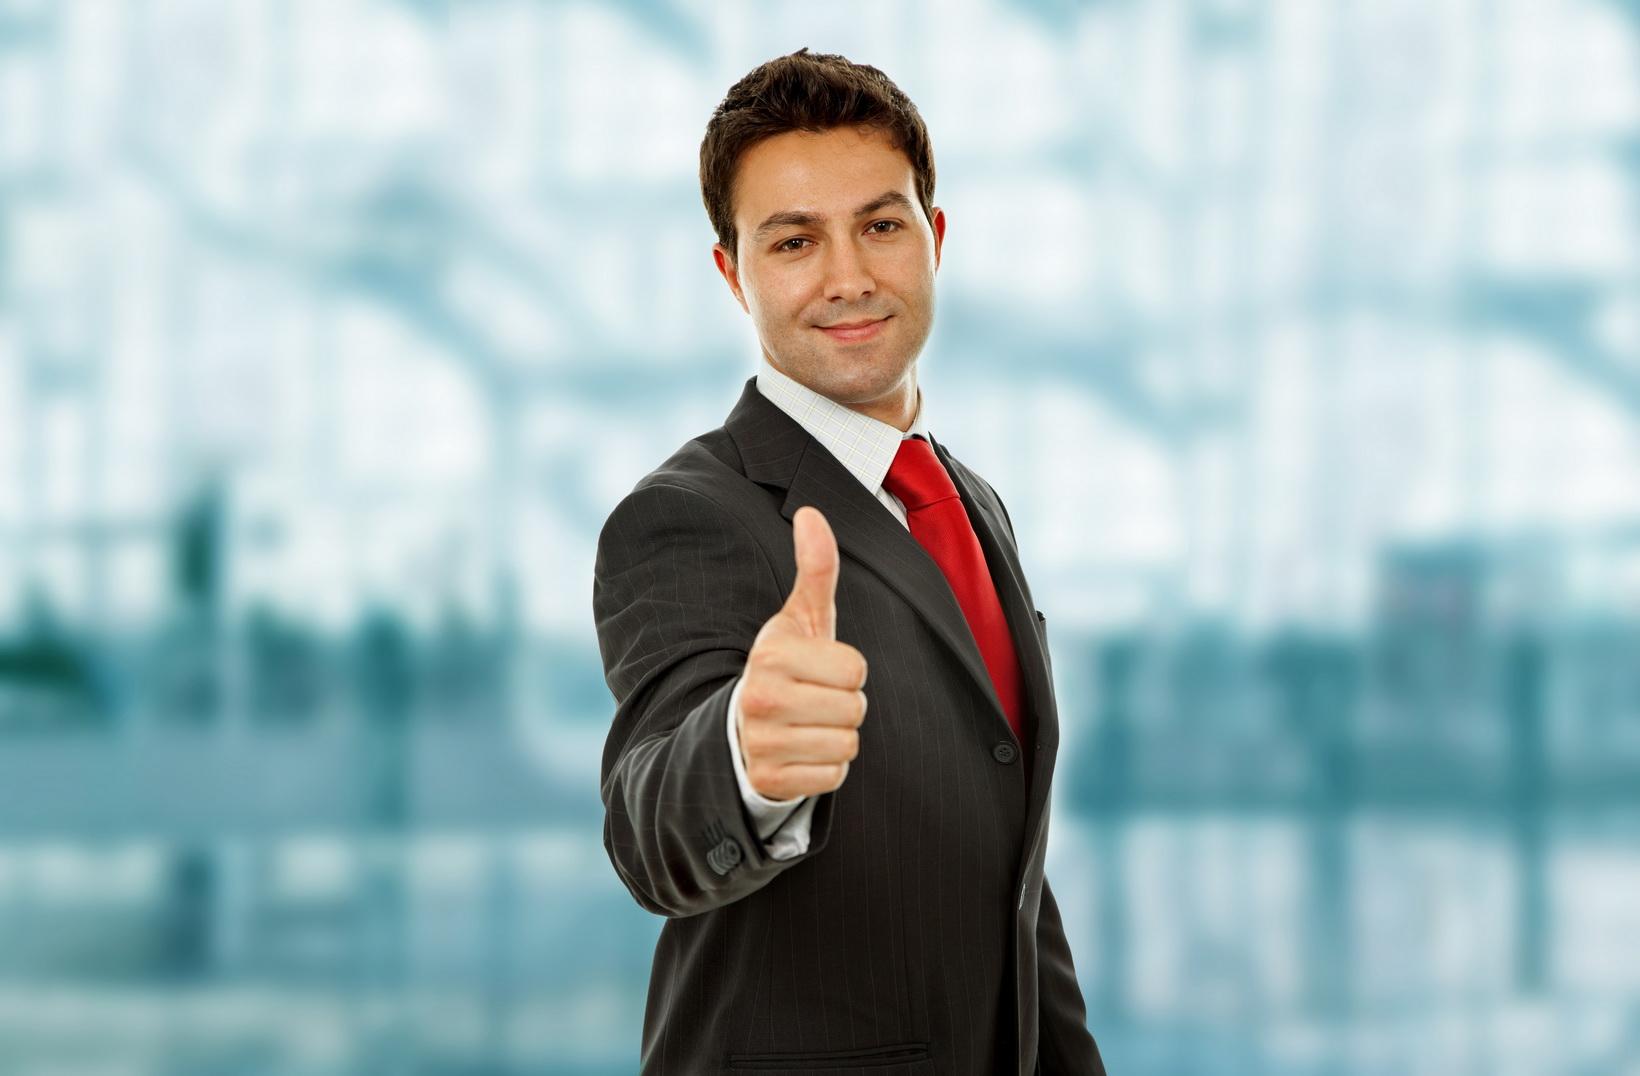 Супервайзер: должностные обязанности и требования при работе в магазине